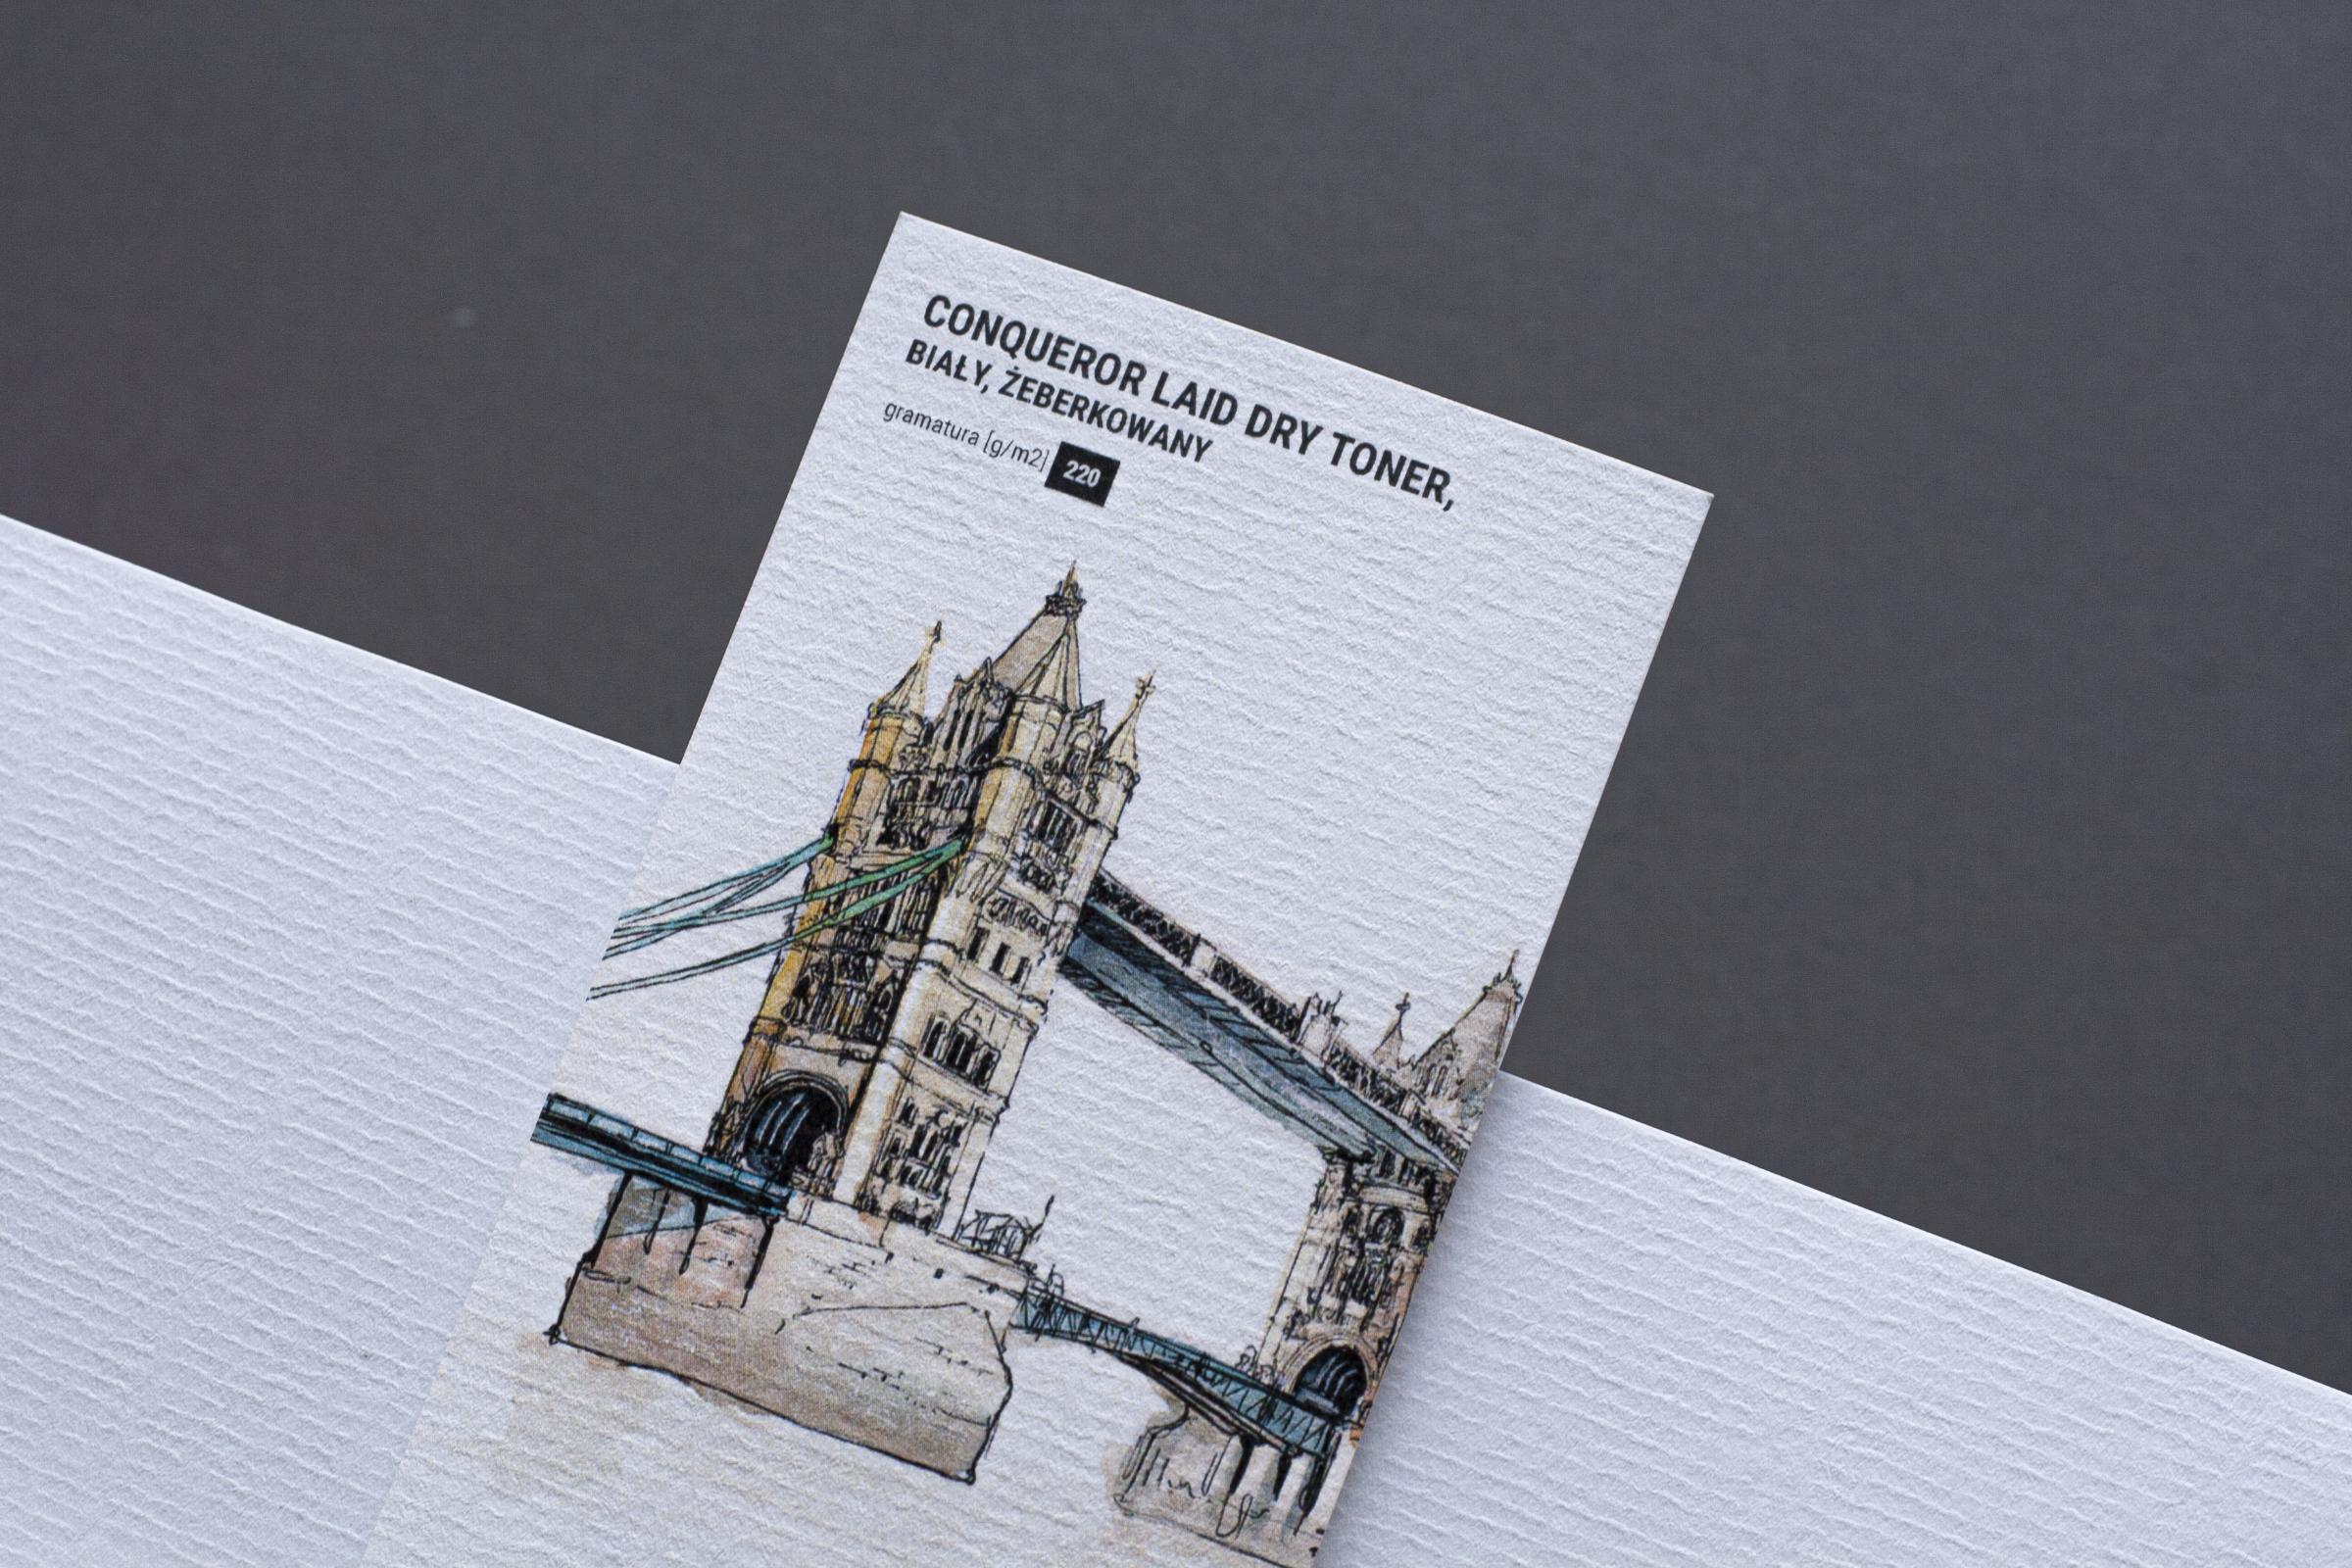 papier conqueror żeberkowany do druku zaproszeń